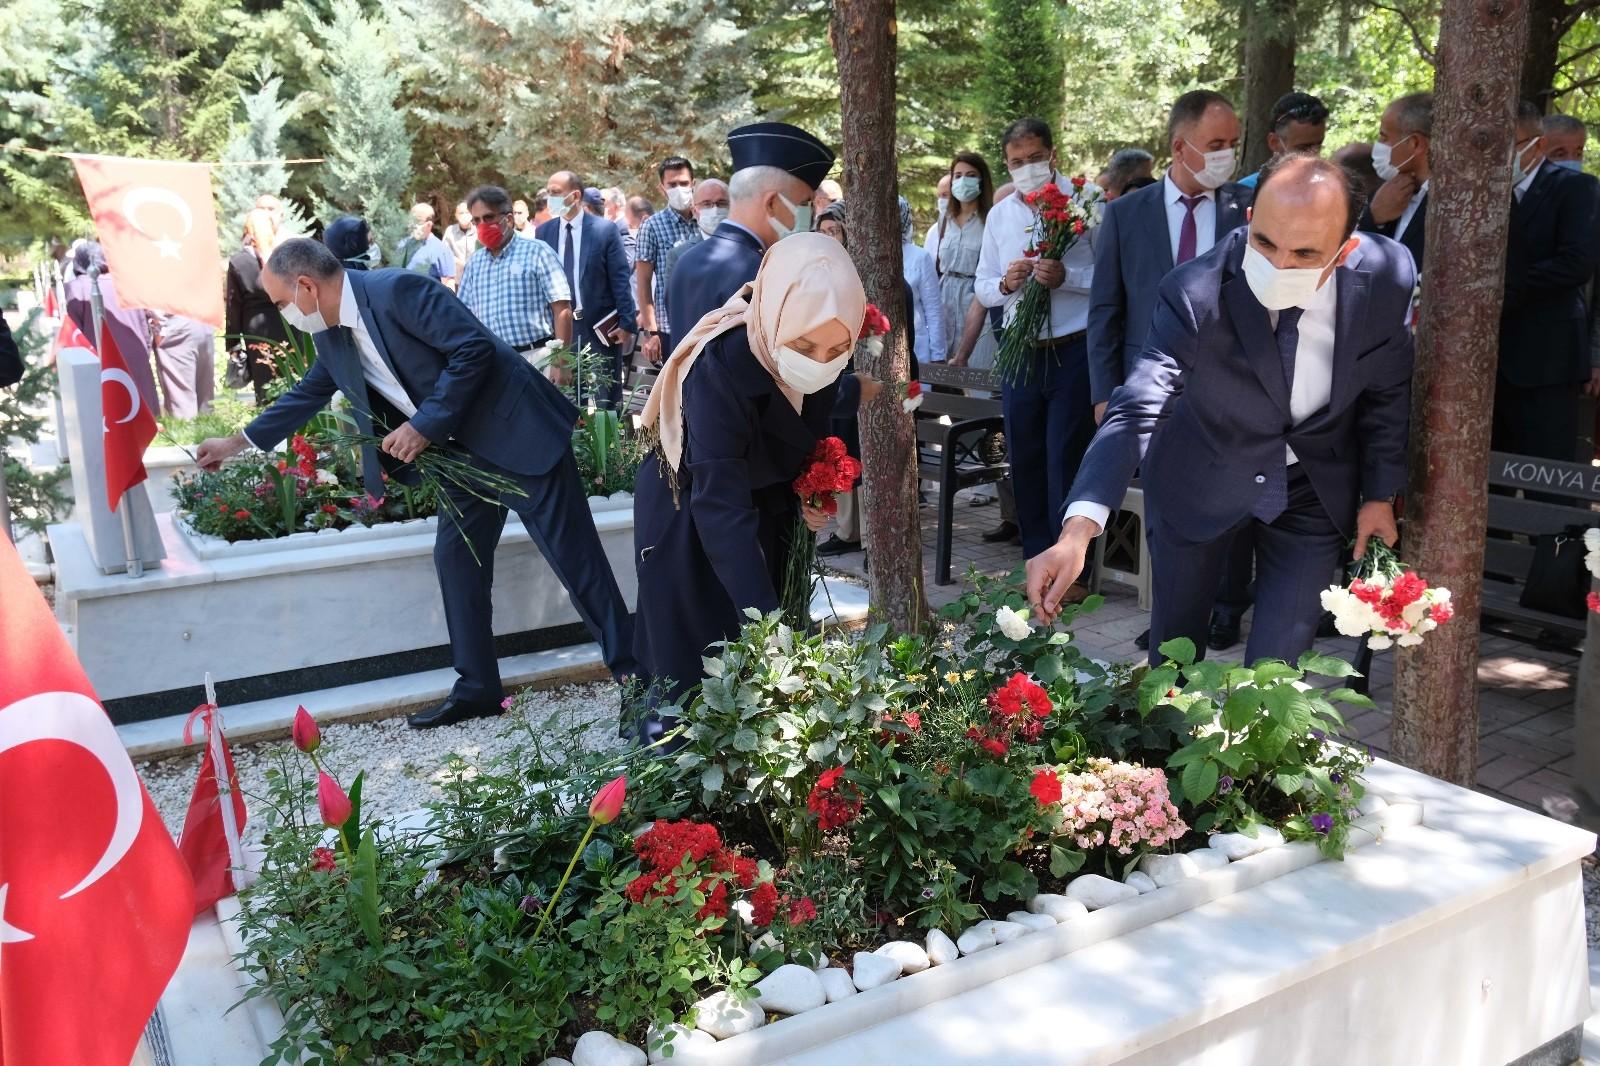 Konya'da 15 Temmuz etkinliklerinde şehitler dualarla yad edildi